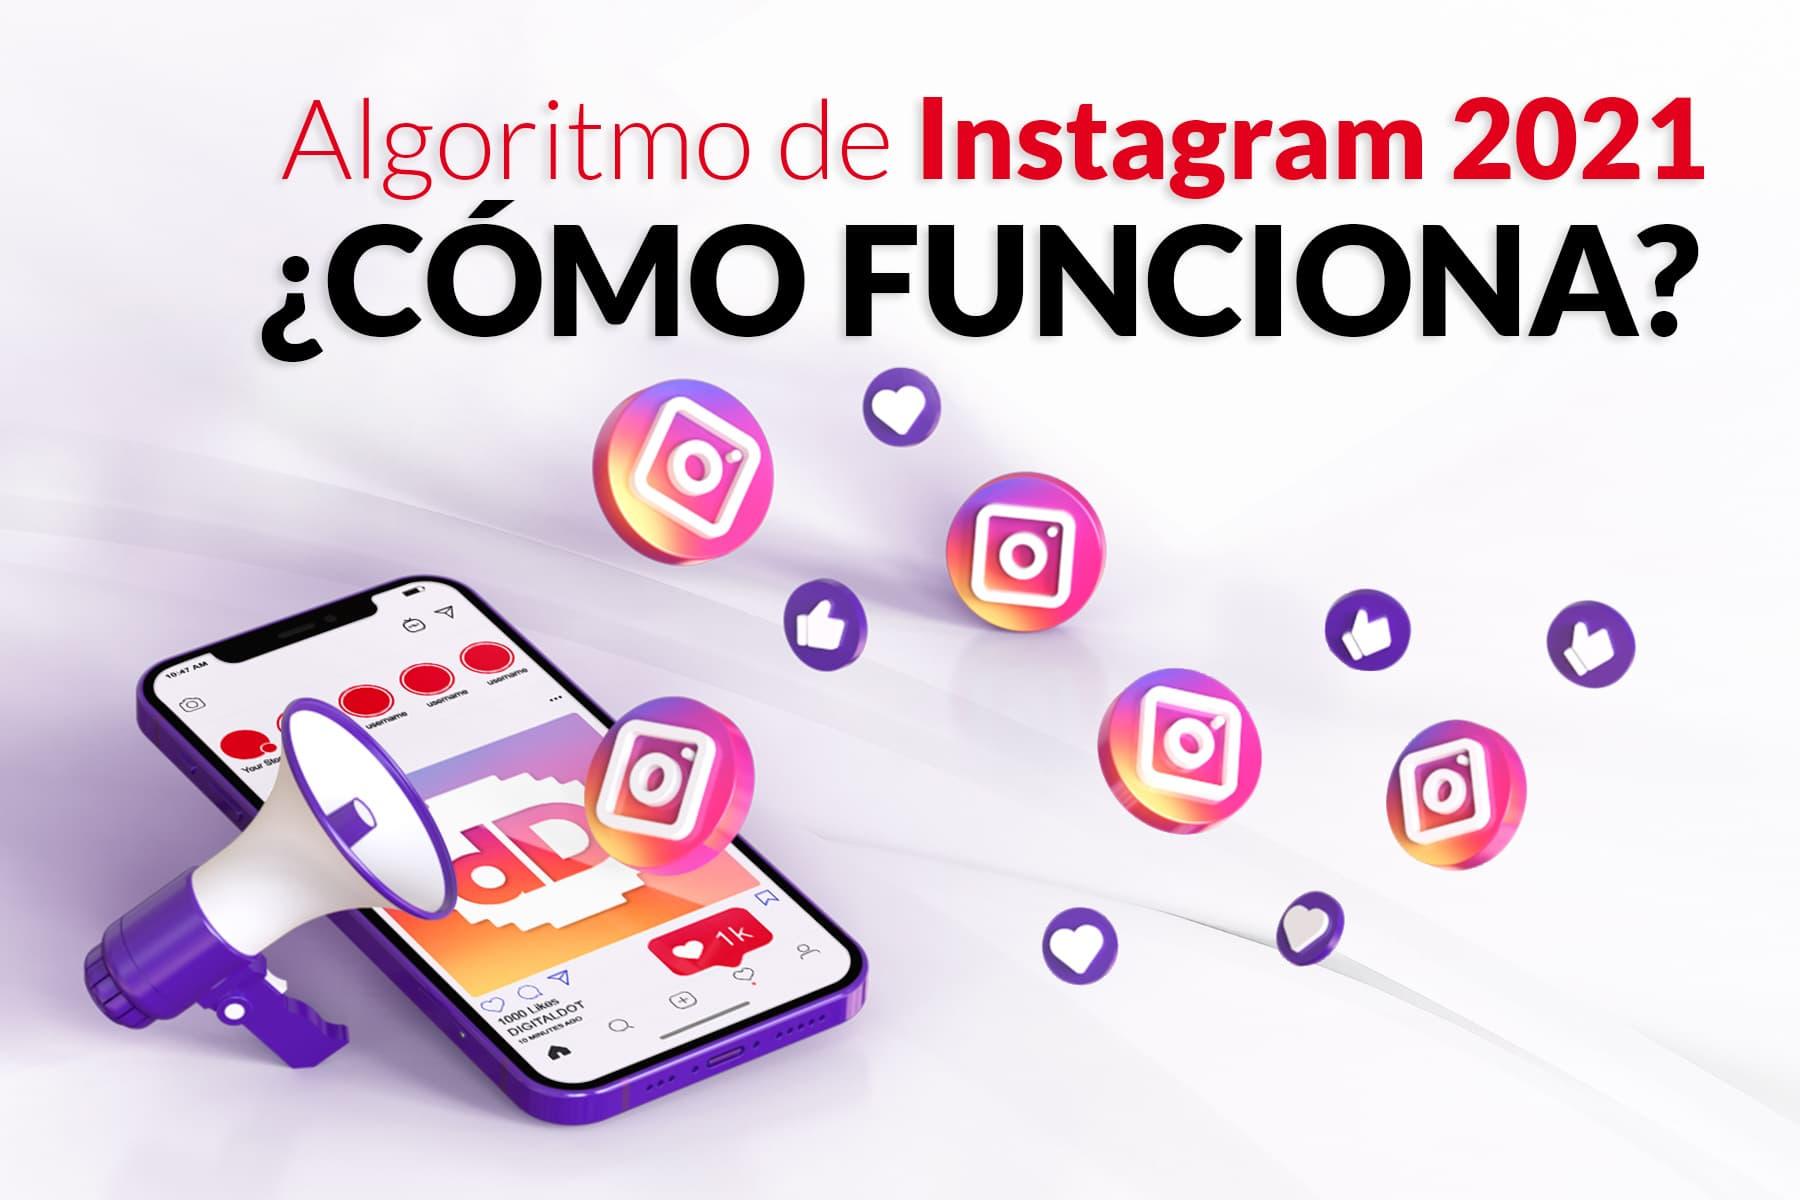 Algoritmo de Instagram 2021: ¿Cómo funciona?